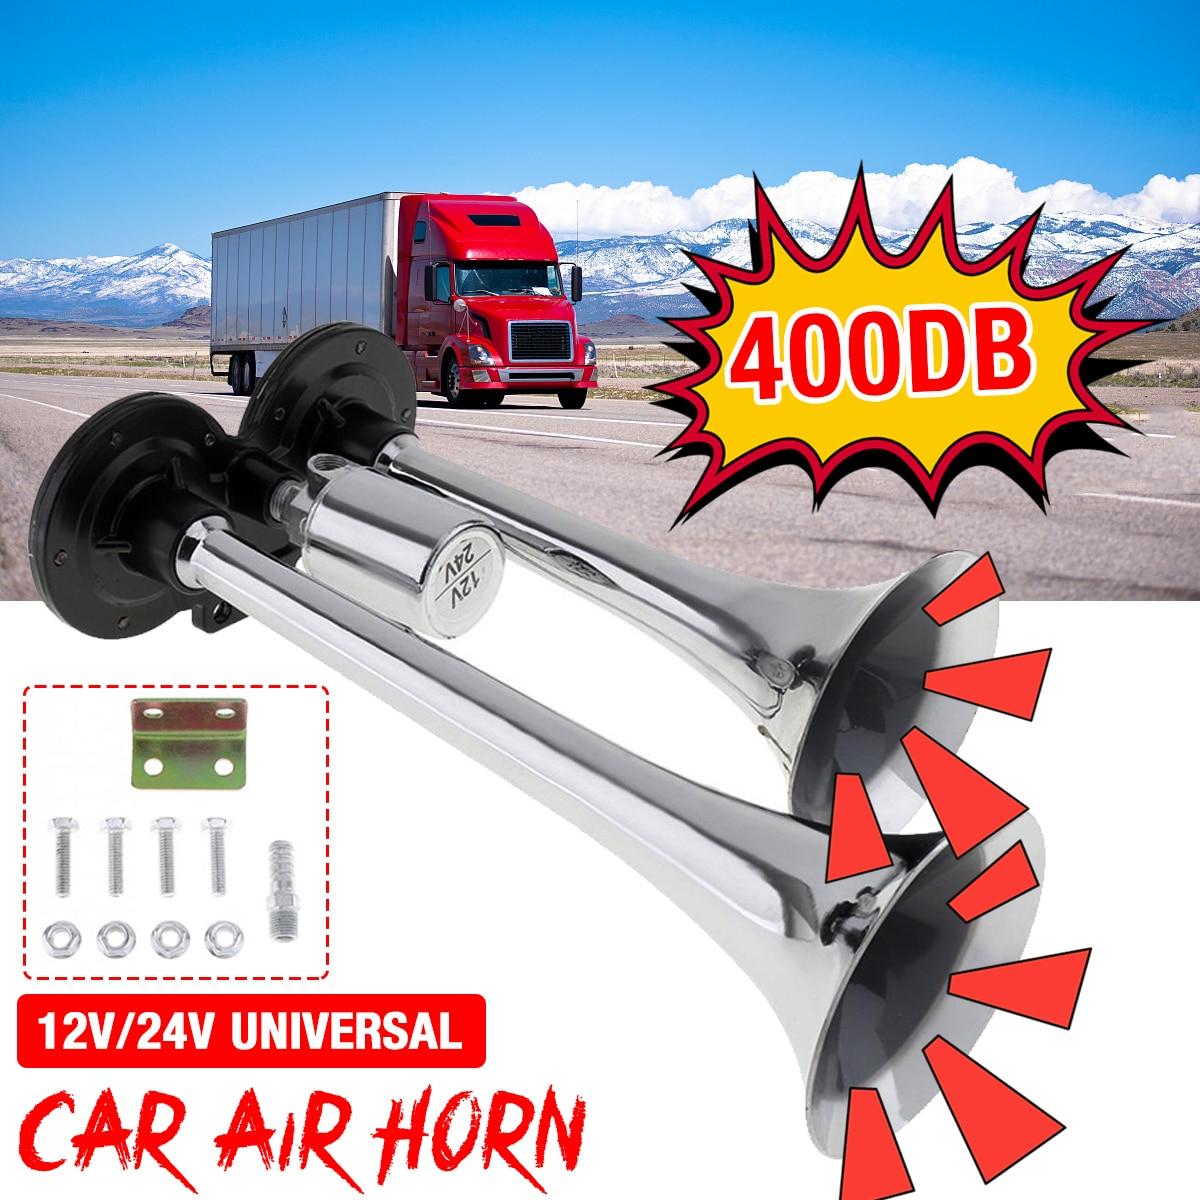 12v/24v 150db super alto tweeter chifre elétrico duplo tubos chifre de ar universal para automóvel carro trem caminhão motocicleta